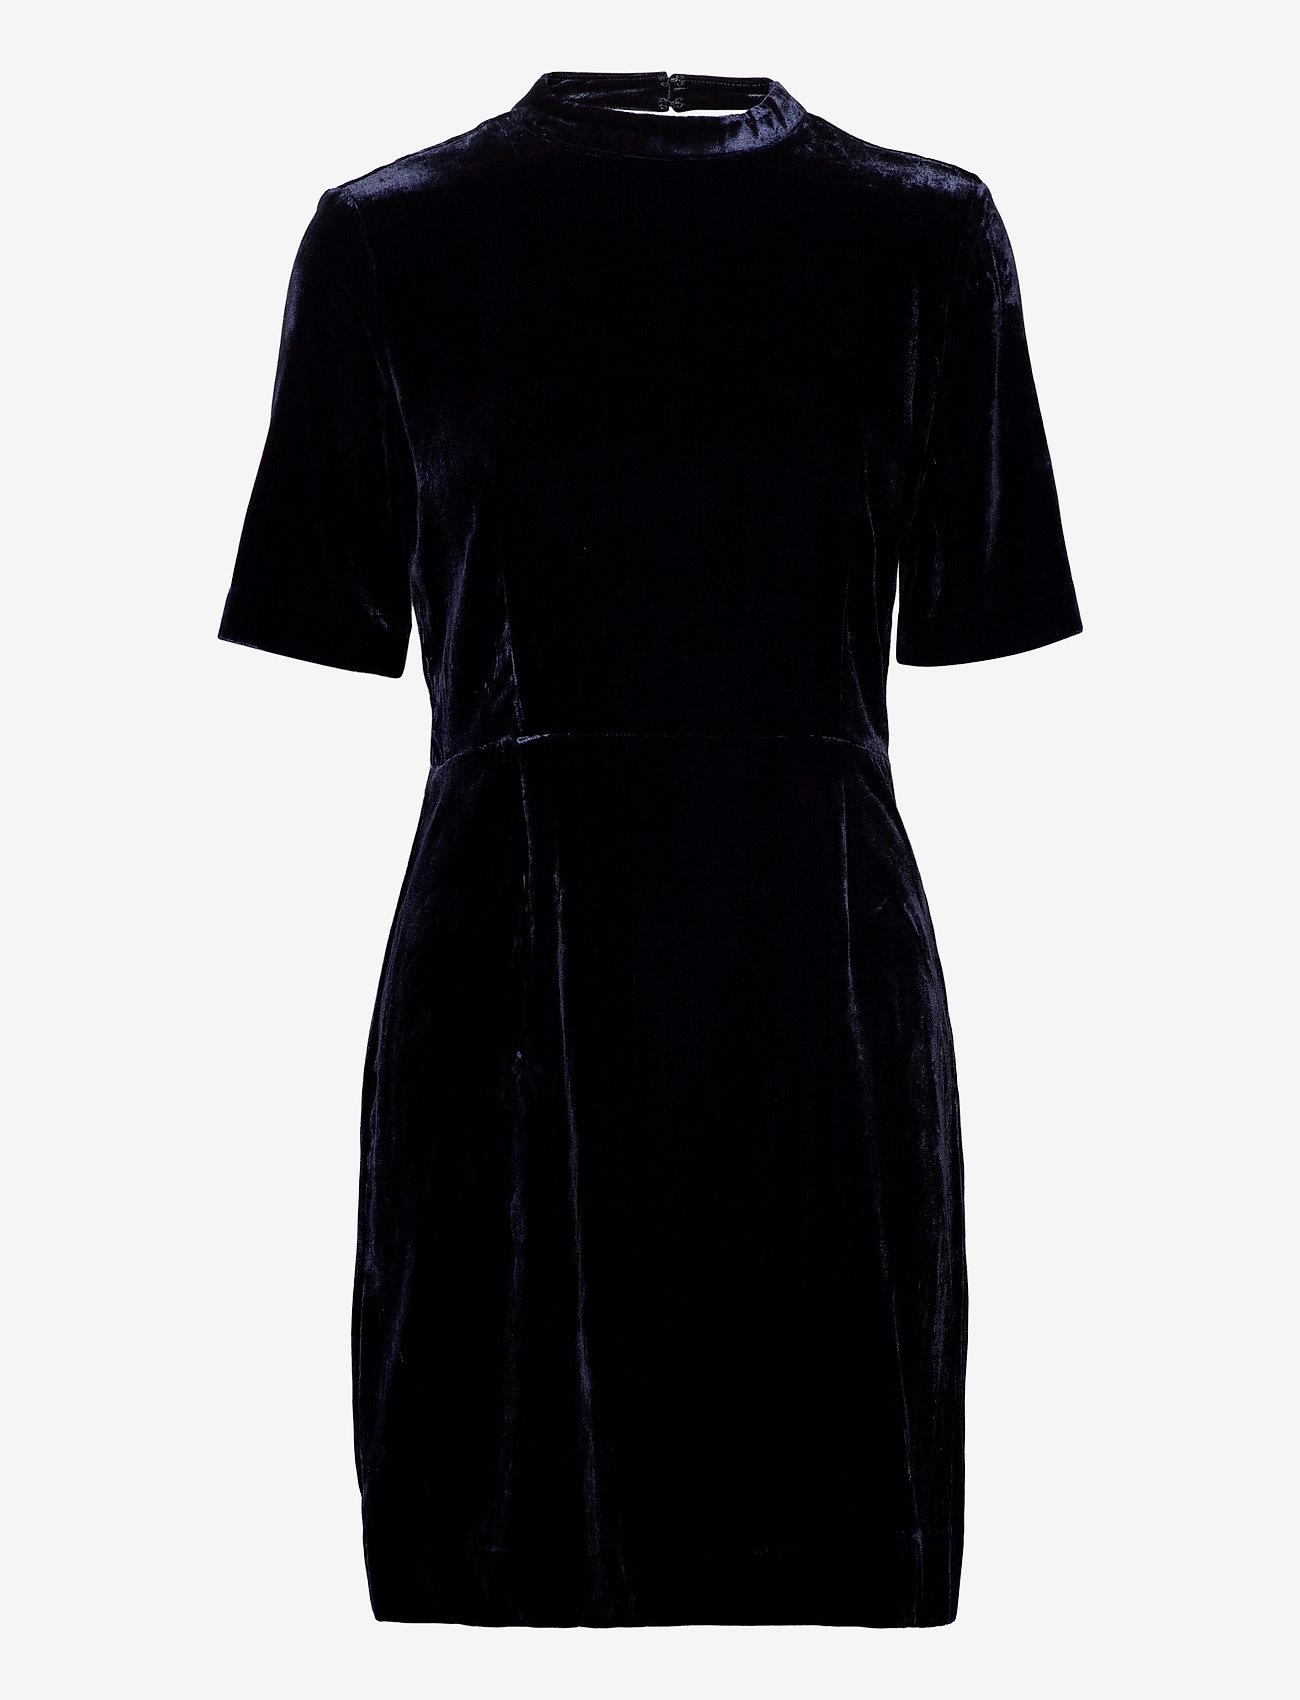 GANT - D2. FITTED VELVET DRESS - short dresses - evening blue - 0